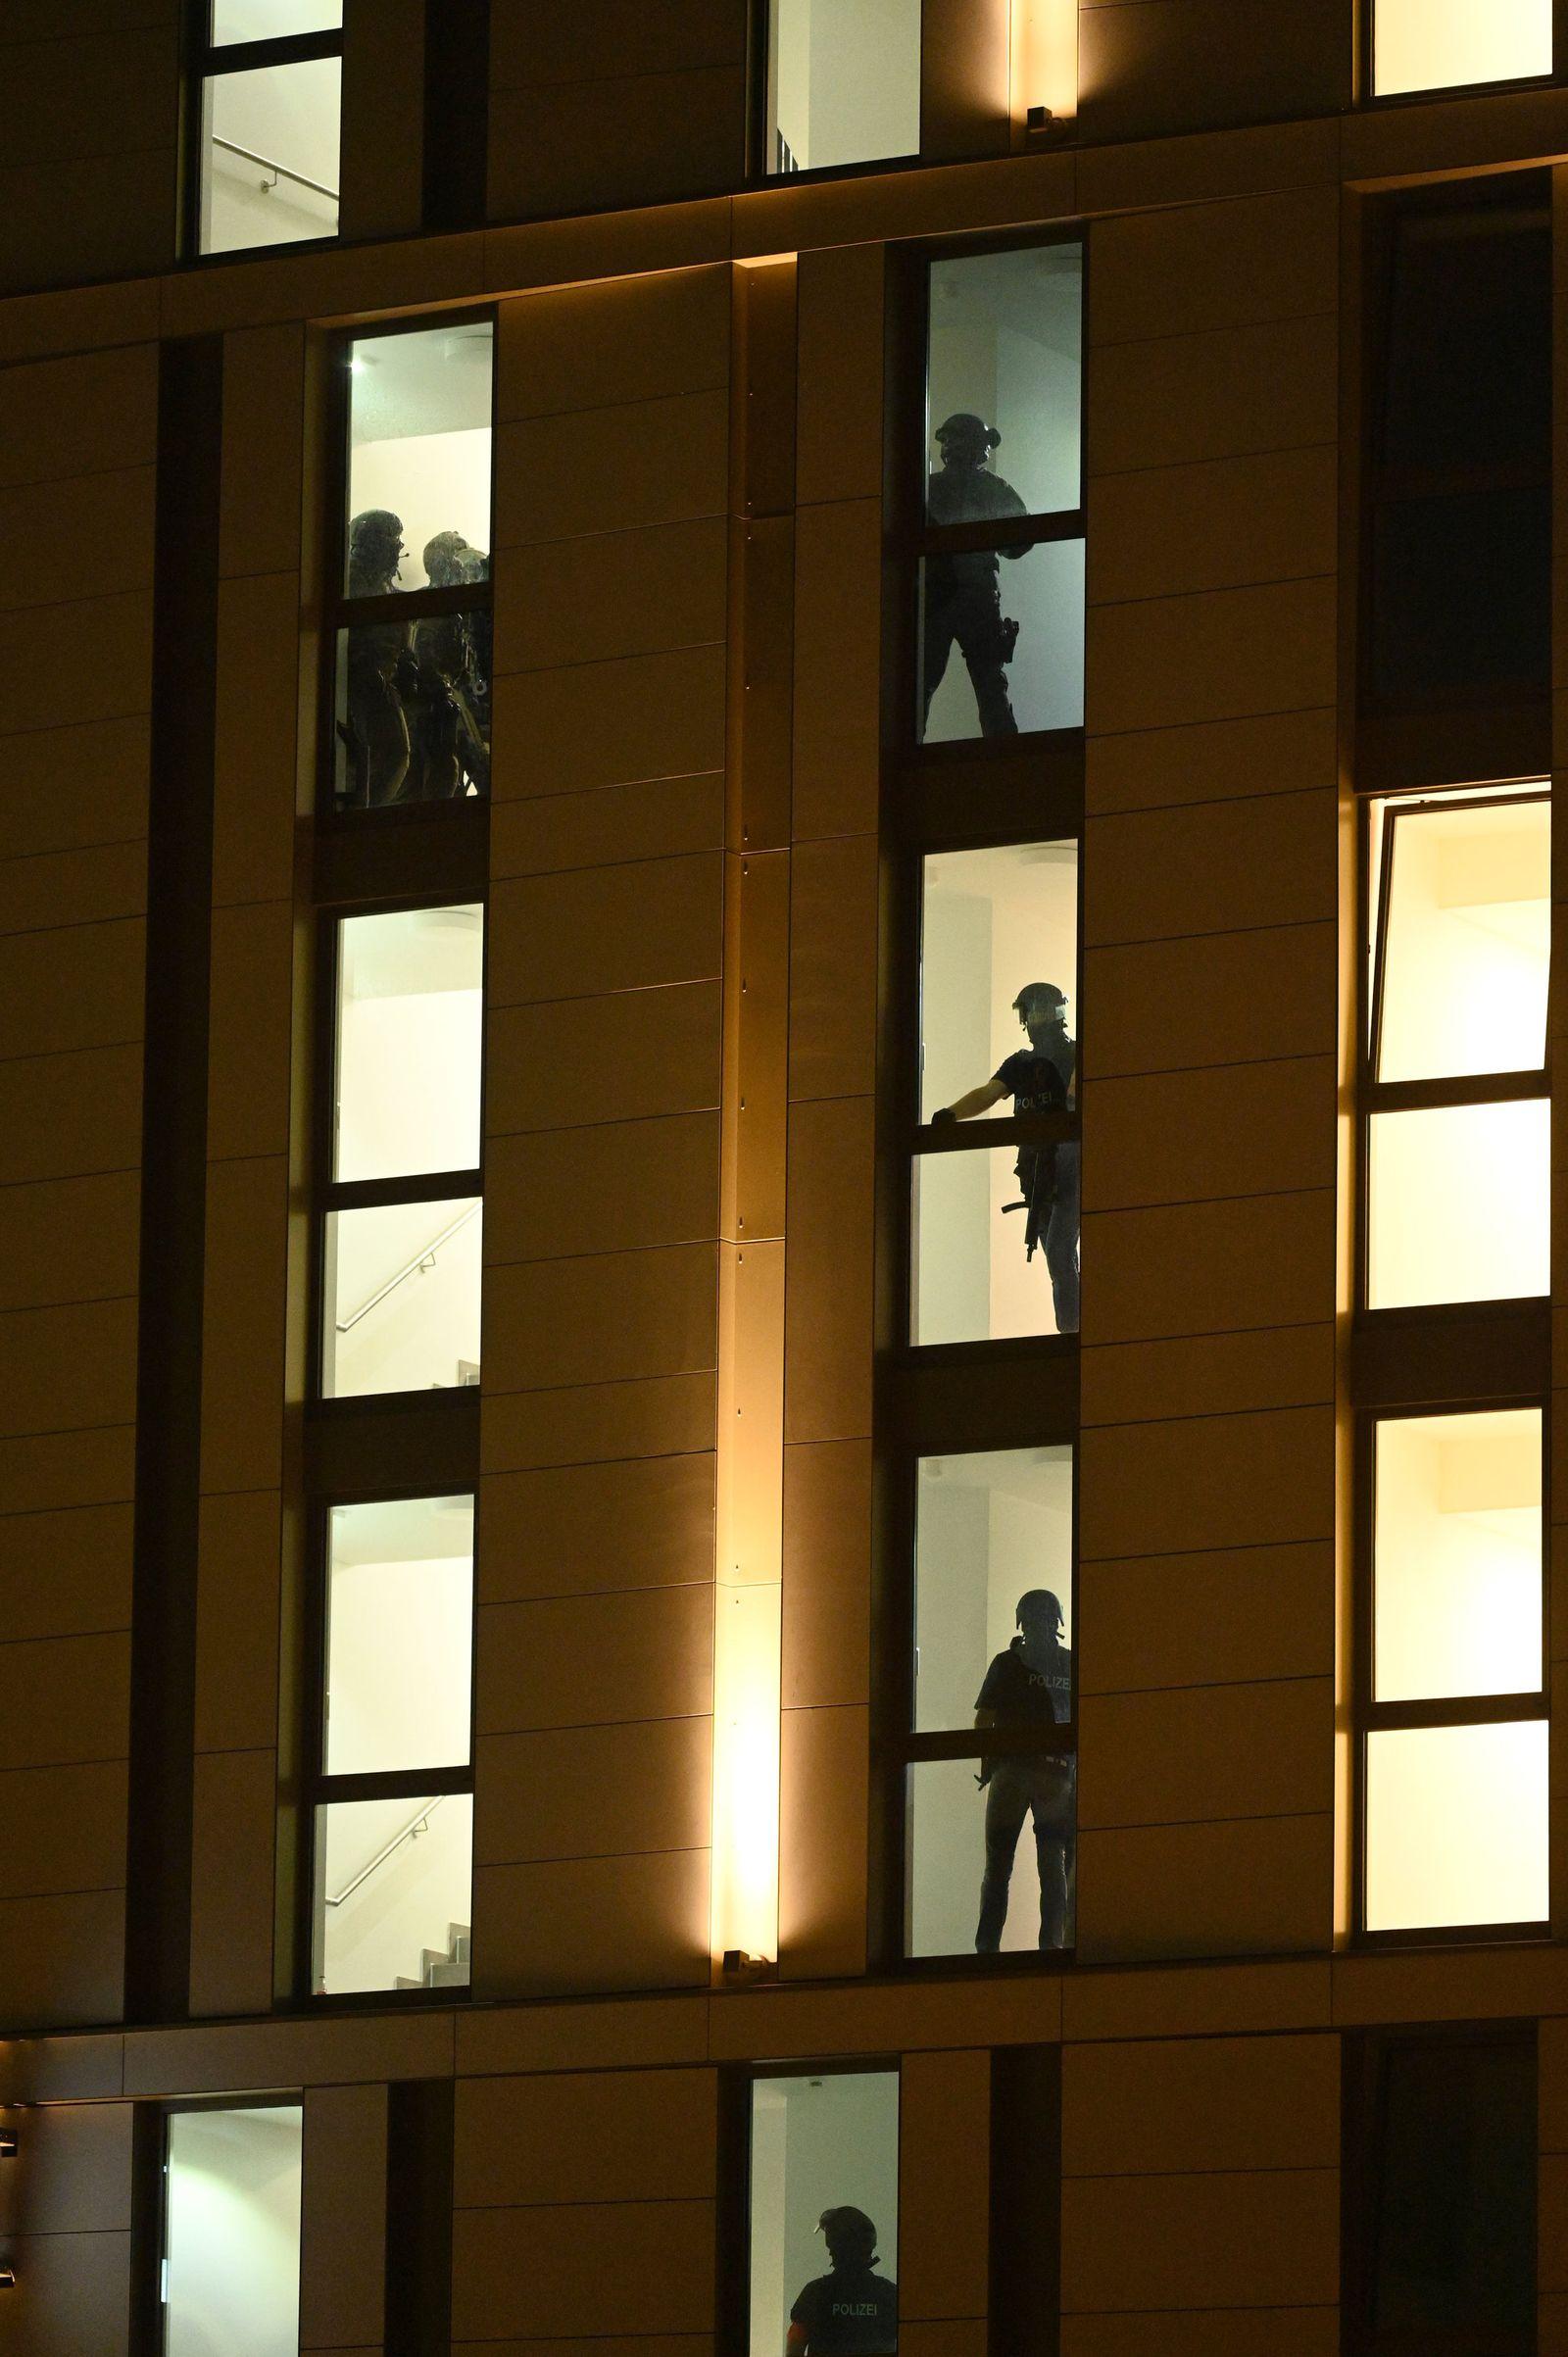 Großeinsatz der Polizei in Düsseldorfer Hotel